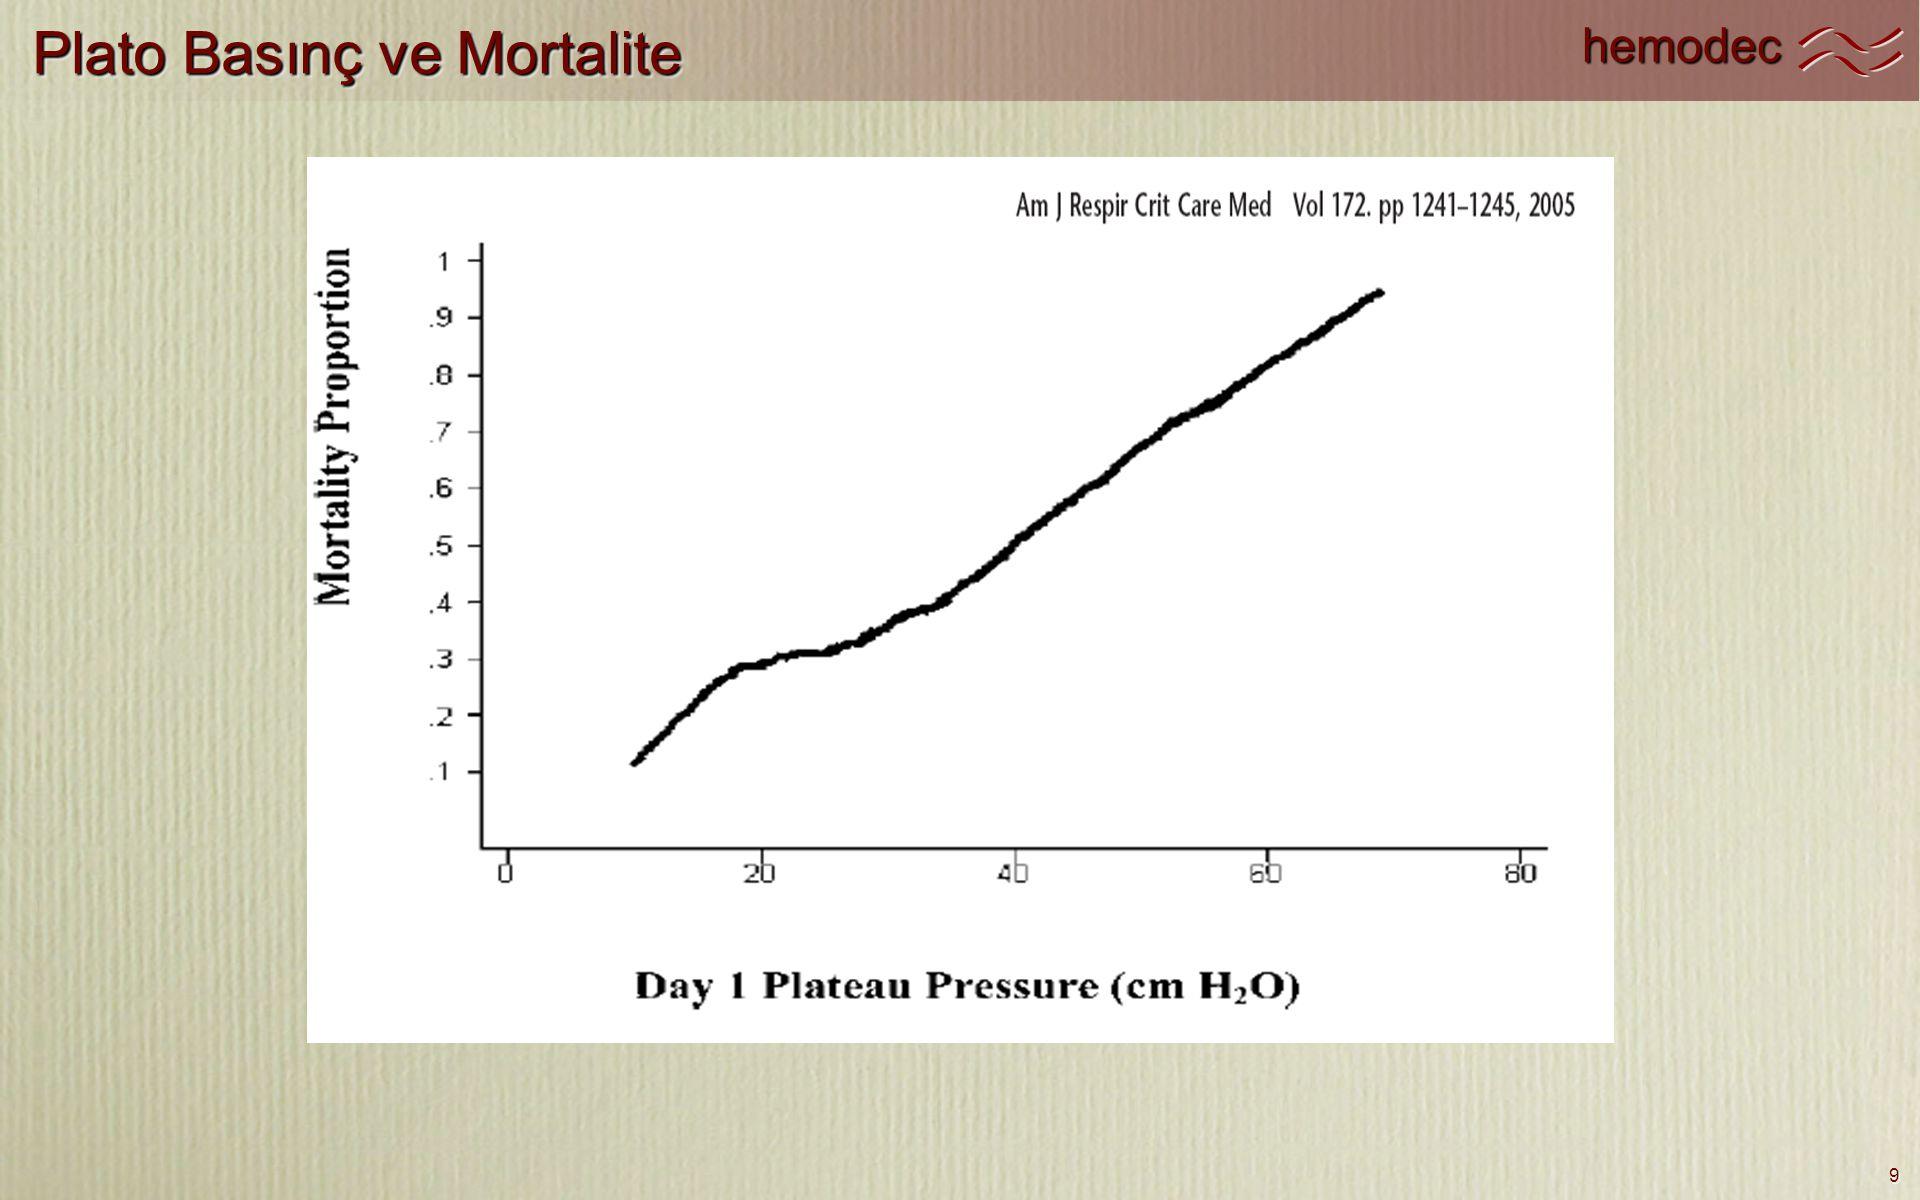 Plato Basınç ve Mortalite